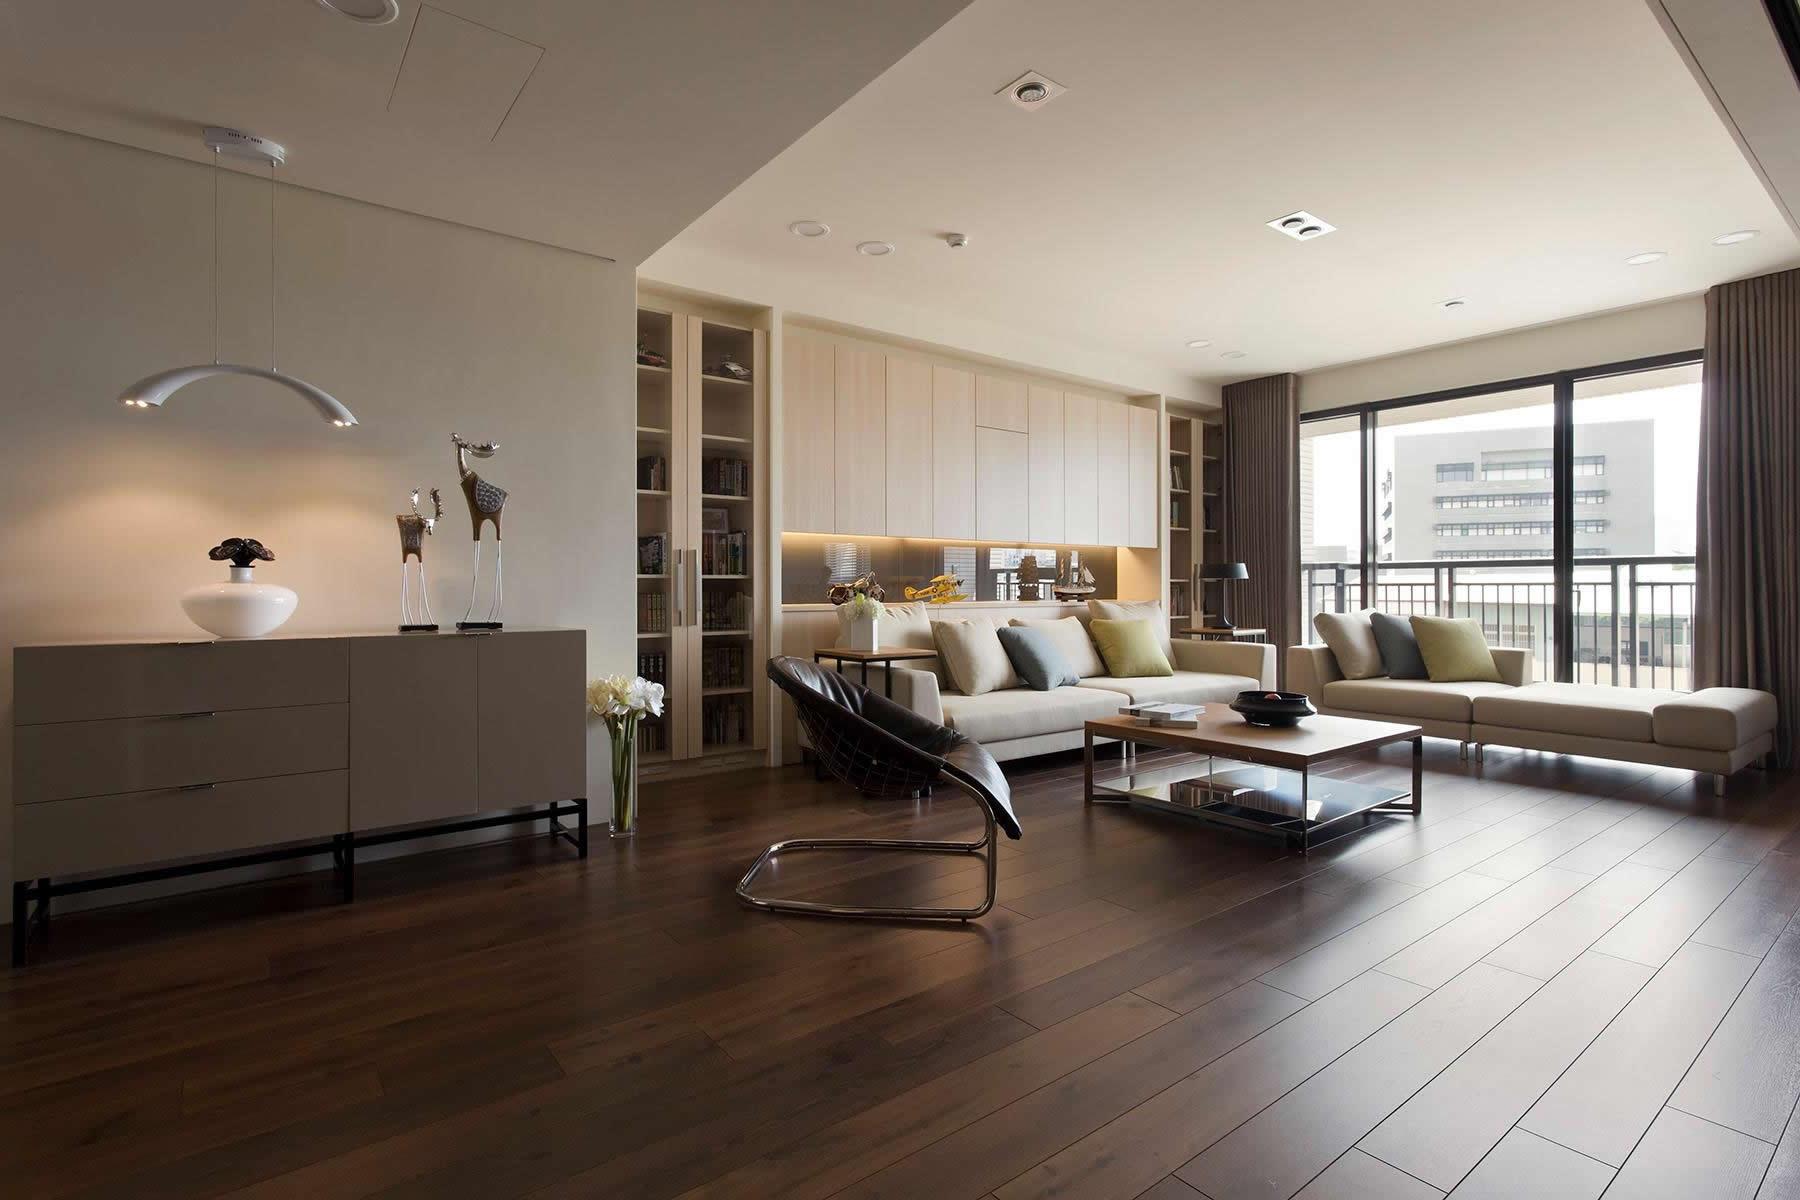 Fliesen interio baudesign fachzentrum innenausbau for Moderne wohnungseinrichtung bilder